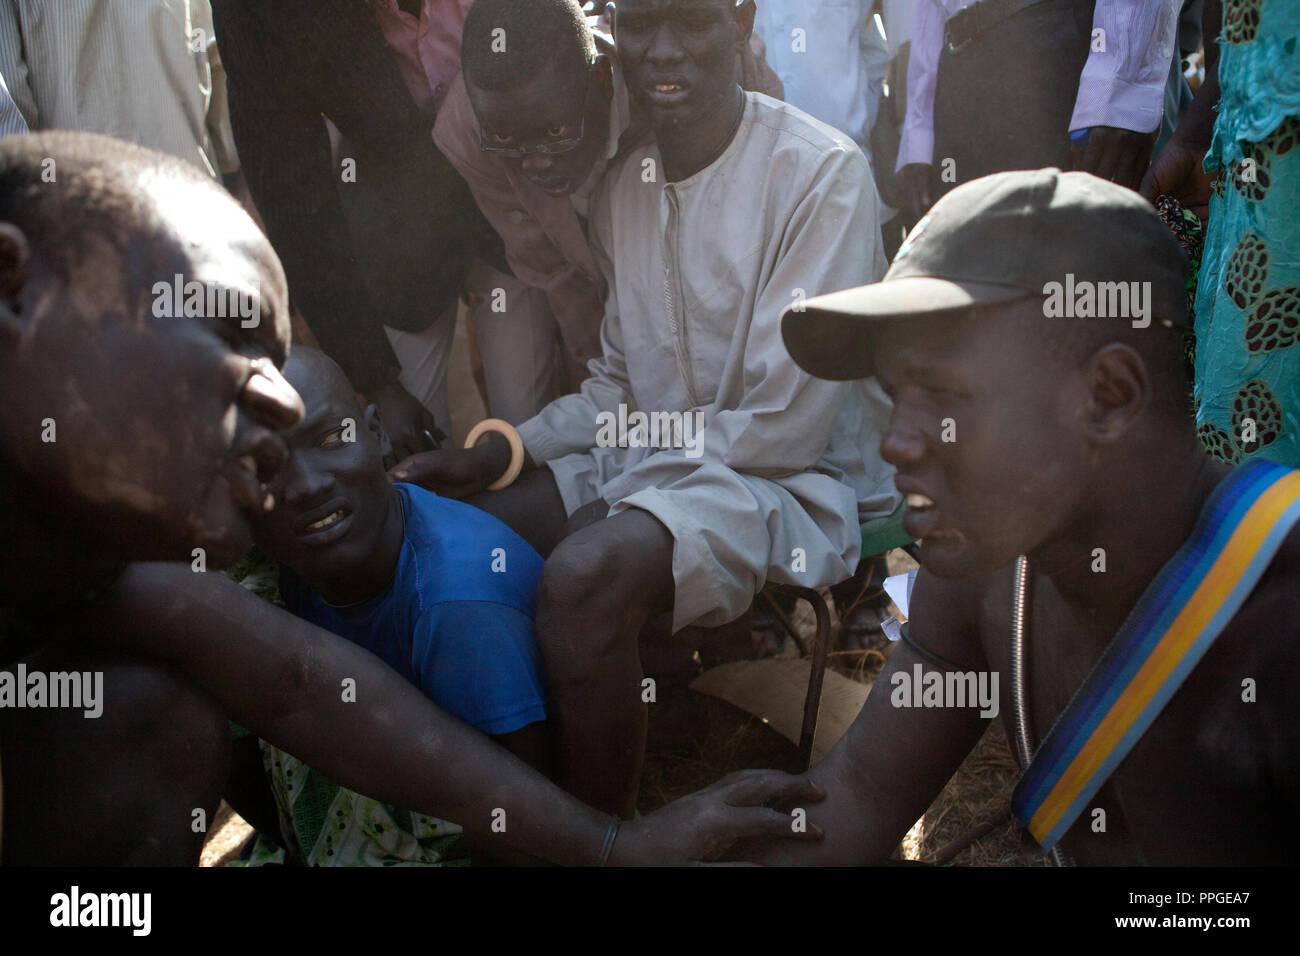 18 décembre 2010 - Juba, Soudan du Sud - Les membres de la tribu Dinka de Bor, l'État de Jonglei parler avant le final du Soudan du Sud le premier wrestling league entre sa tribu et les lutteurs de l'Équatoria central Mundari Etat au stade de Juba. Les matches ont attiré un grand nombre de spectateurs qui ont chanté, dansé et joué de la batterie à l'appui de leurs lutteurs préférés. Le match organisateurs espéraient que les sports traditionnels seraient réunis du Soudan du Sud d'un grand nombre de tribus différentes. Crédit photo: Benedicte Desrus Photo Stock